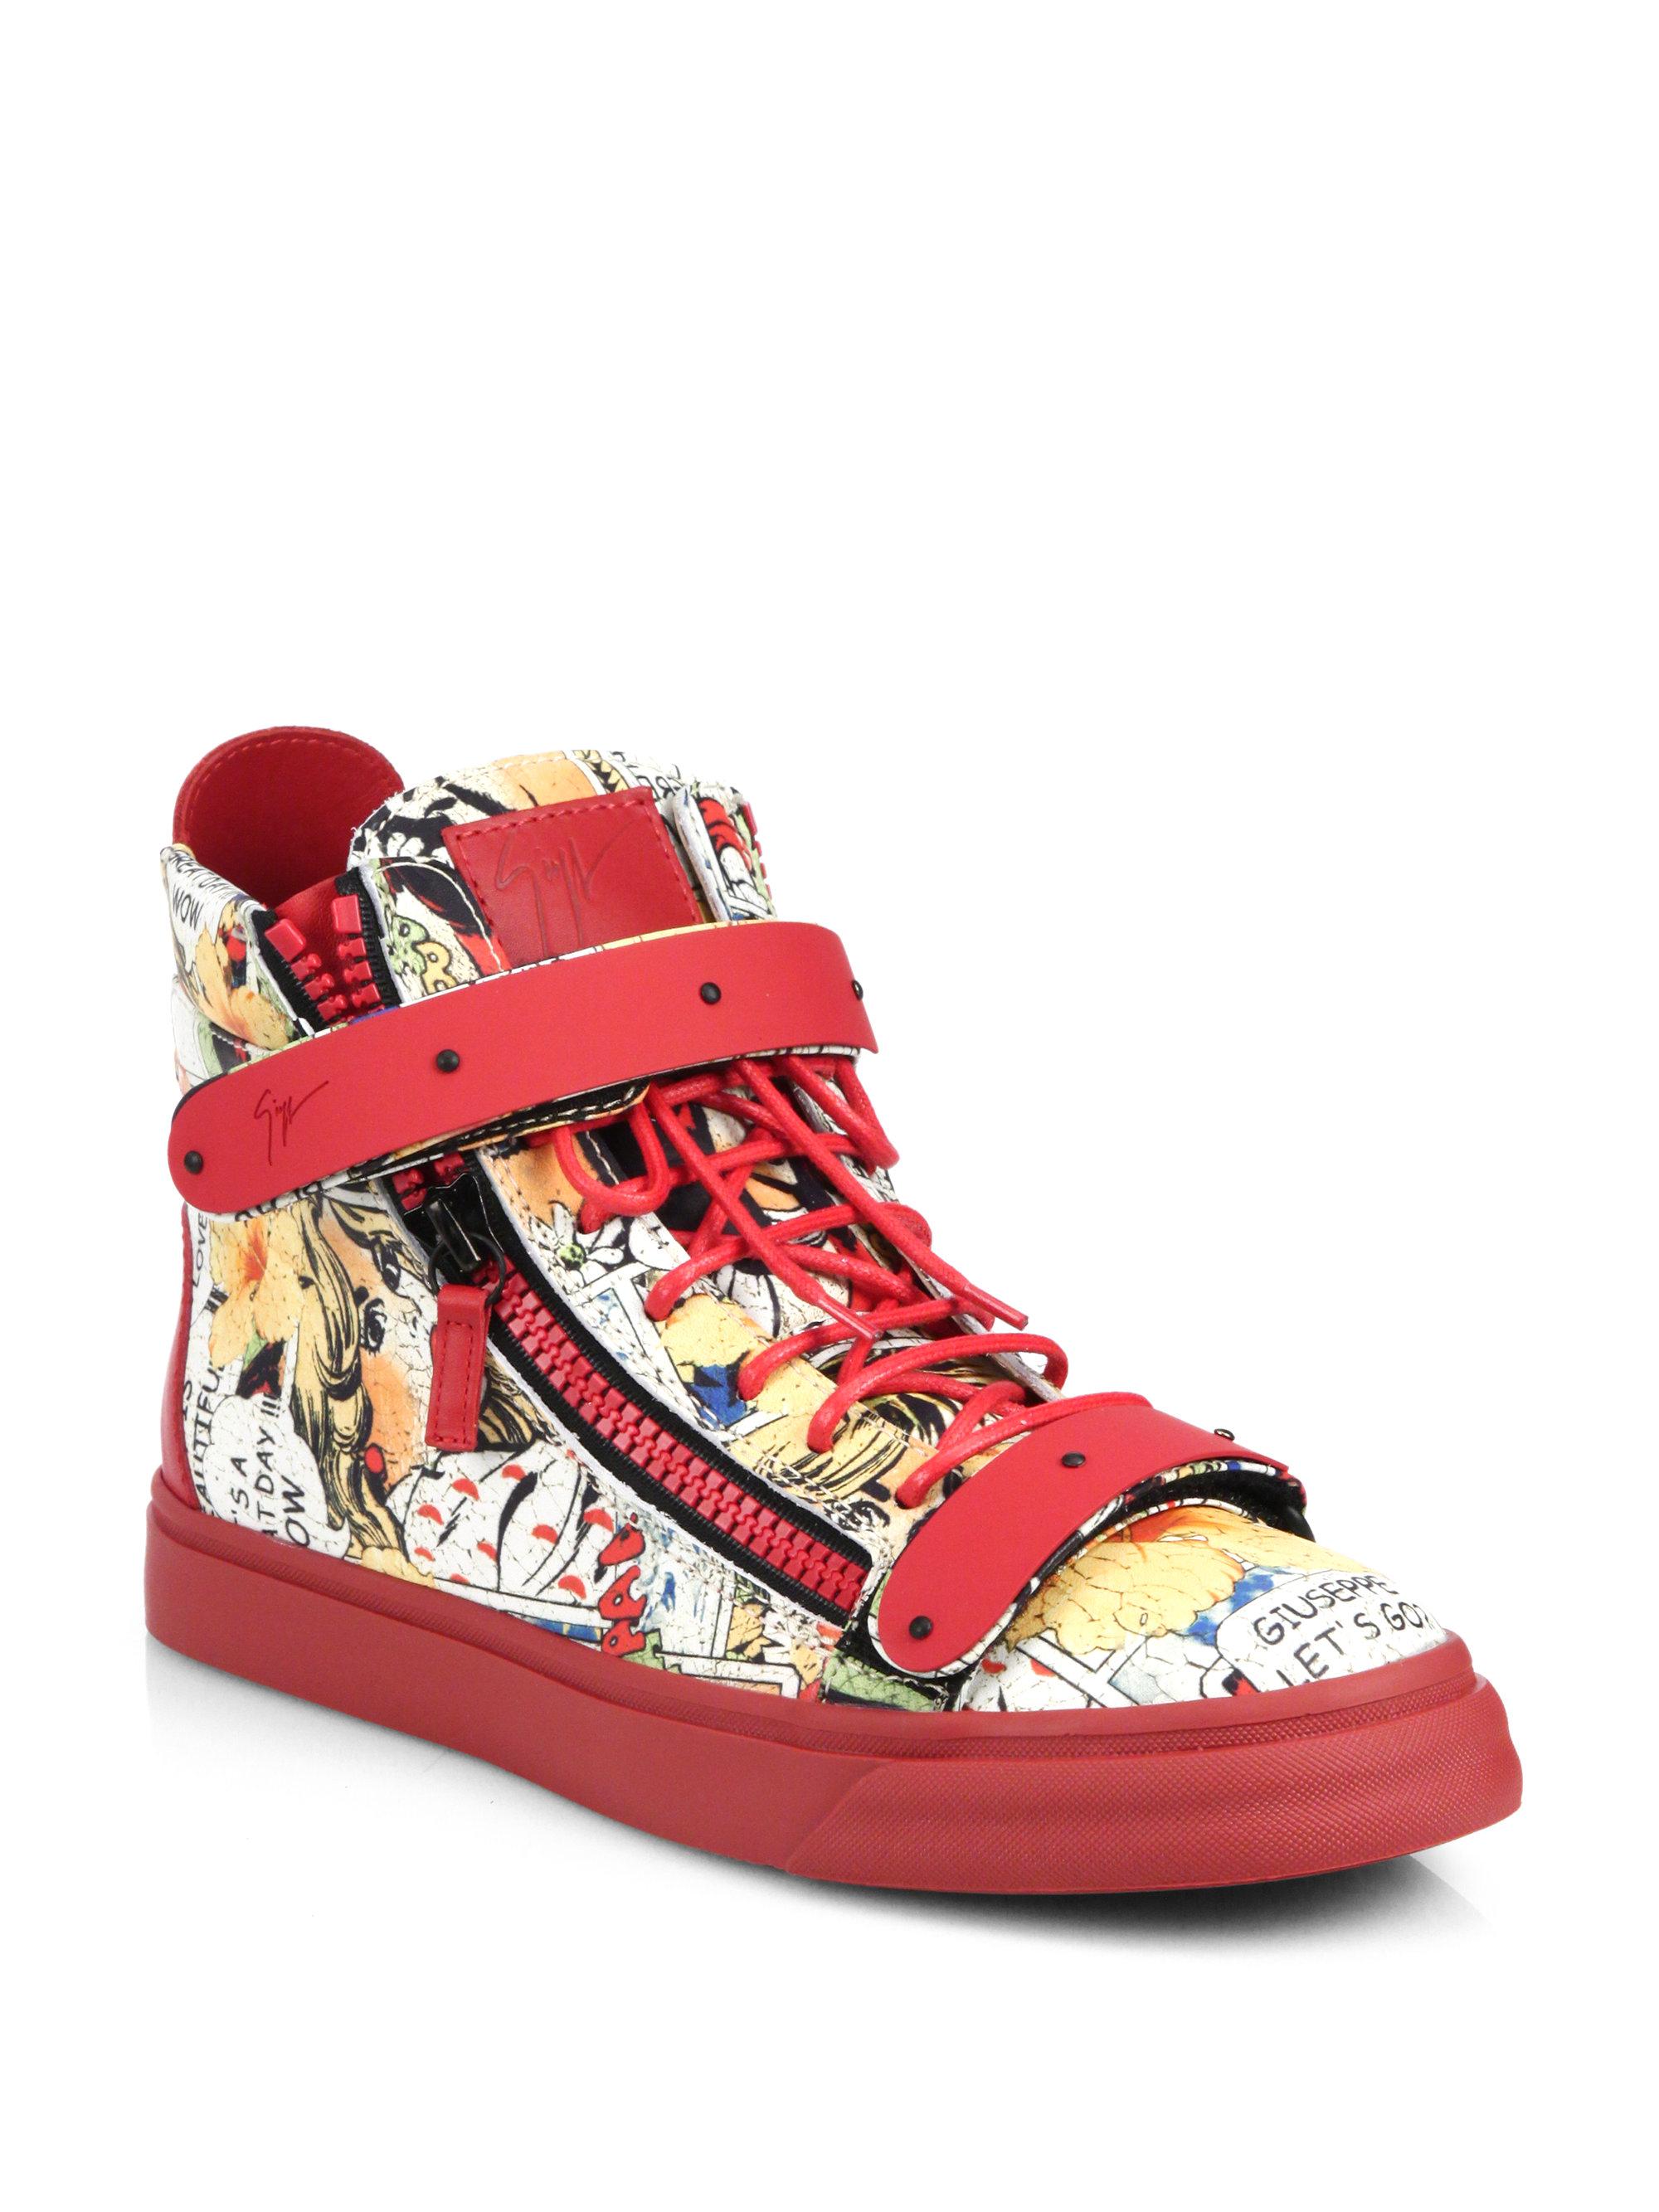 Fake giuseppe zanotti sneakers for men garden house for Zanotti arredamenti